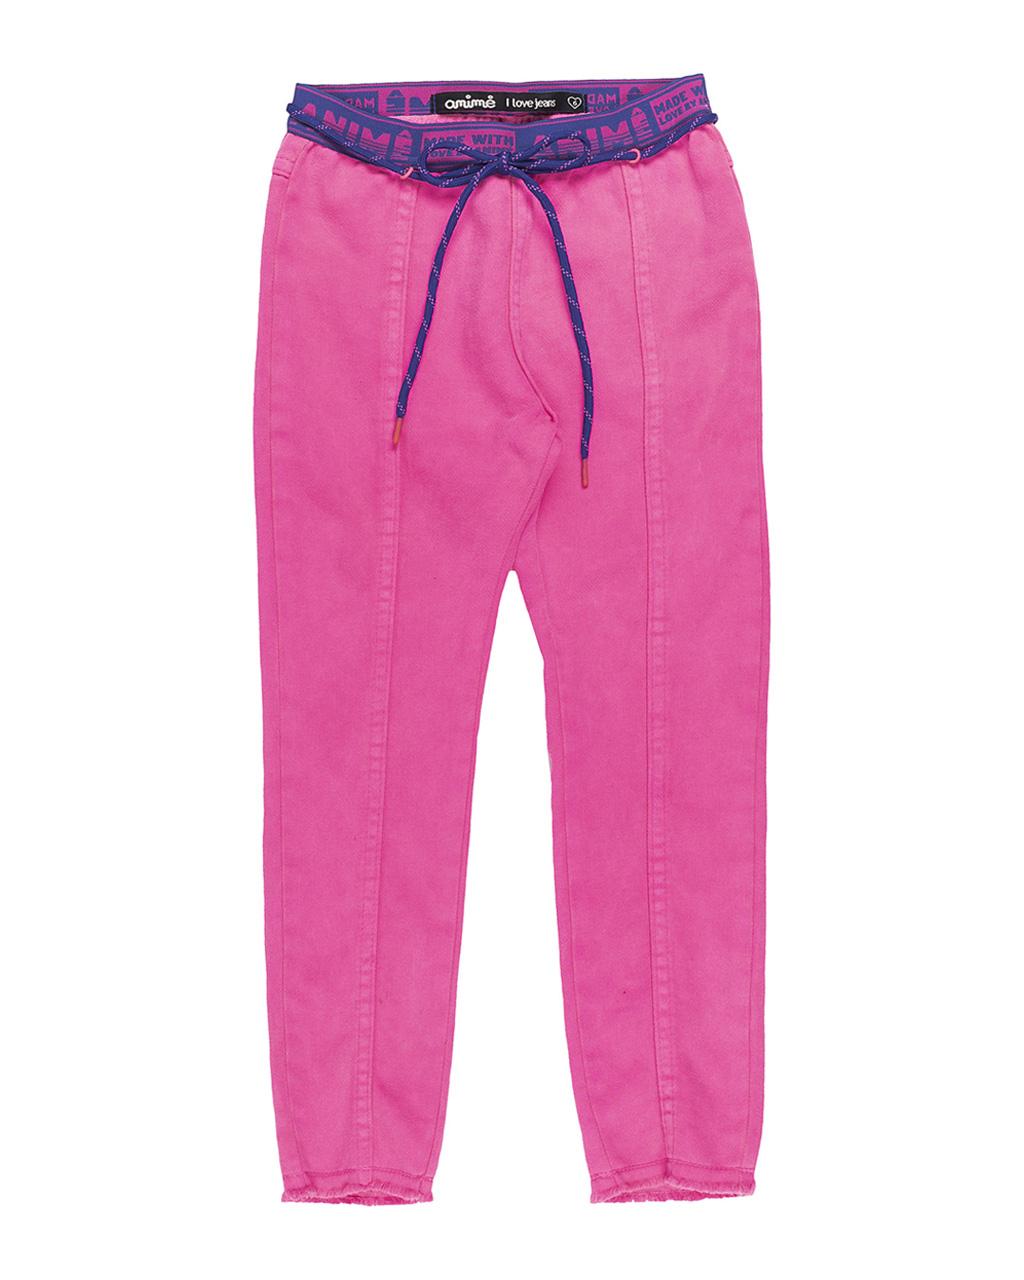 Calça Infantil Sarja Cinto de Cadarço Rosa Neon Animê